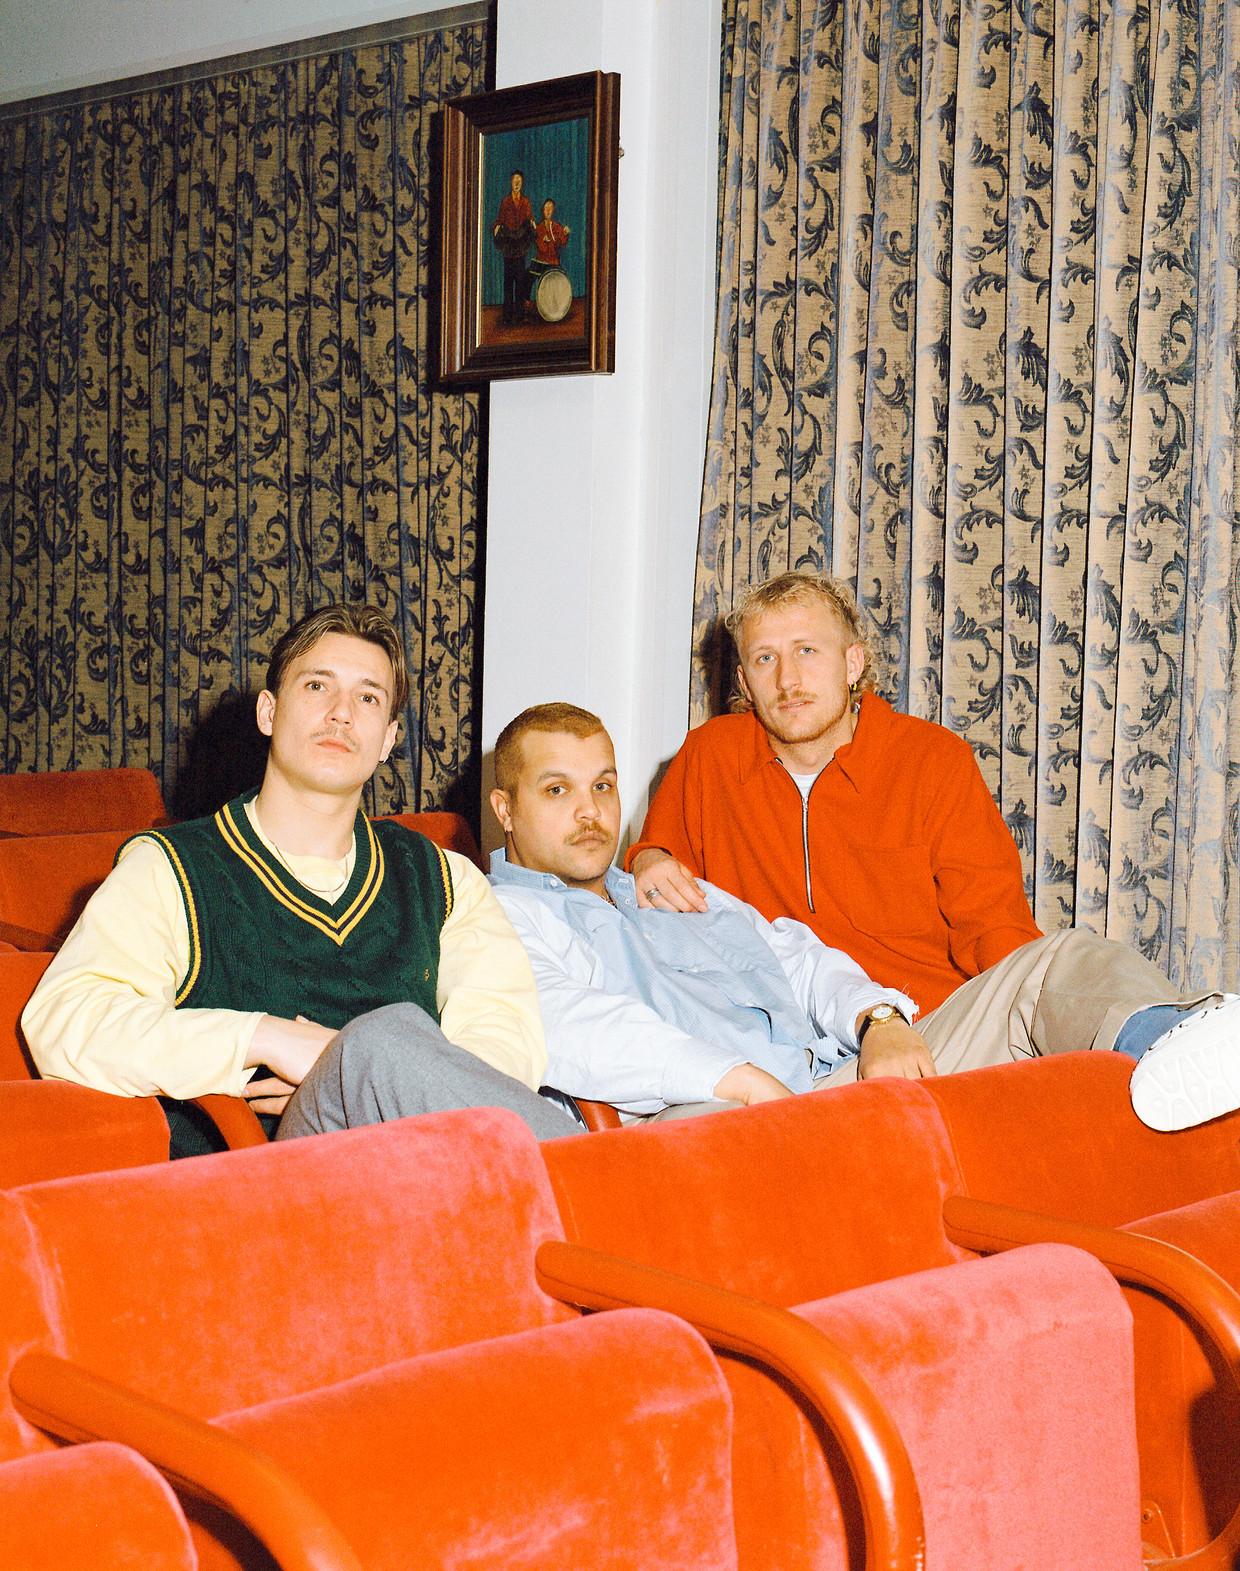 De leden van Goldband met, van links naar rechts, Karel Gerlach, Boaz Kok en Milo Driessen.  Beeld Tom van Huisstede